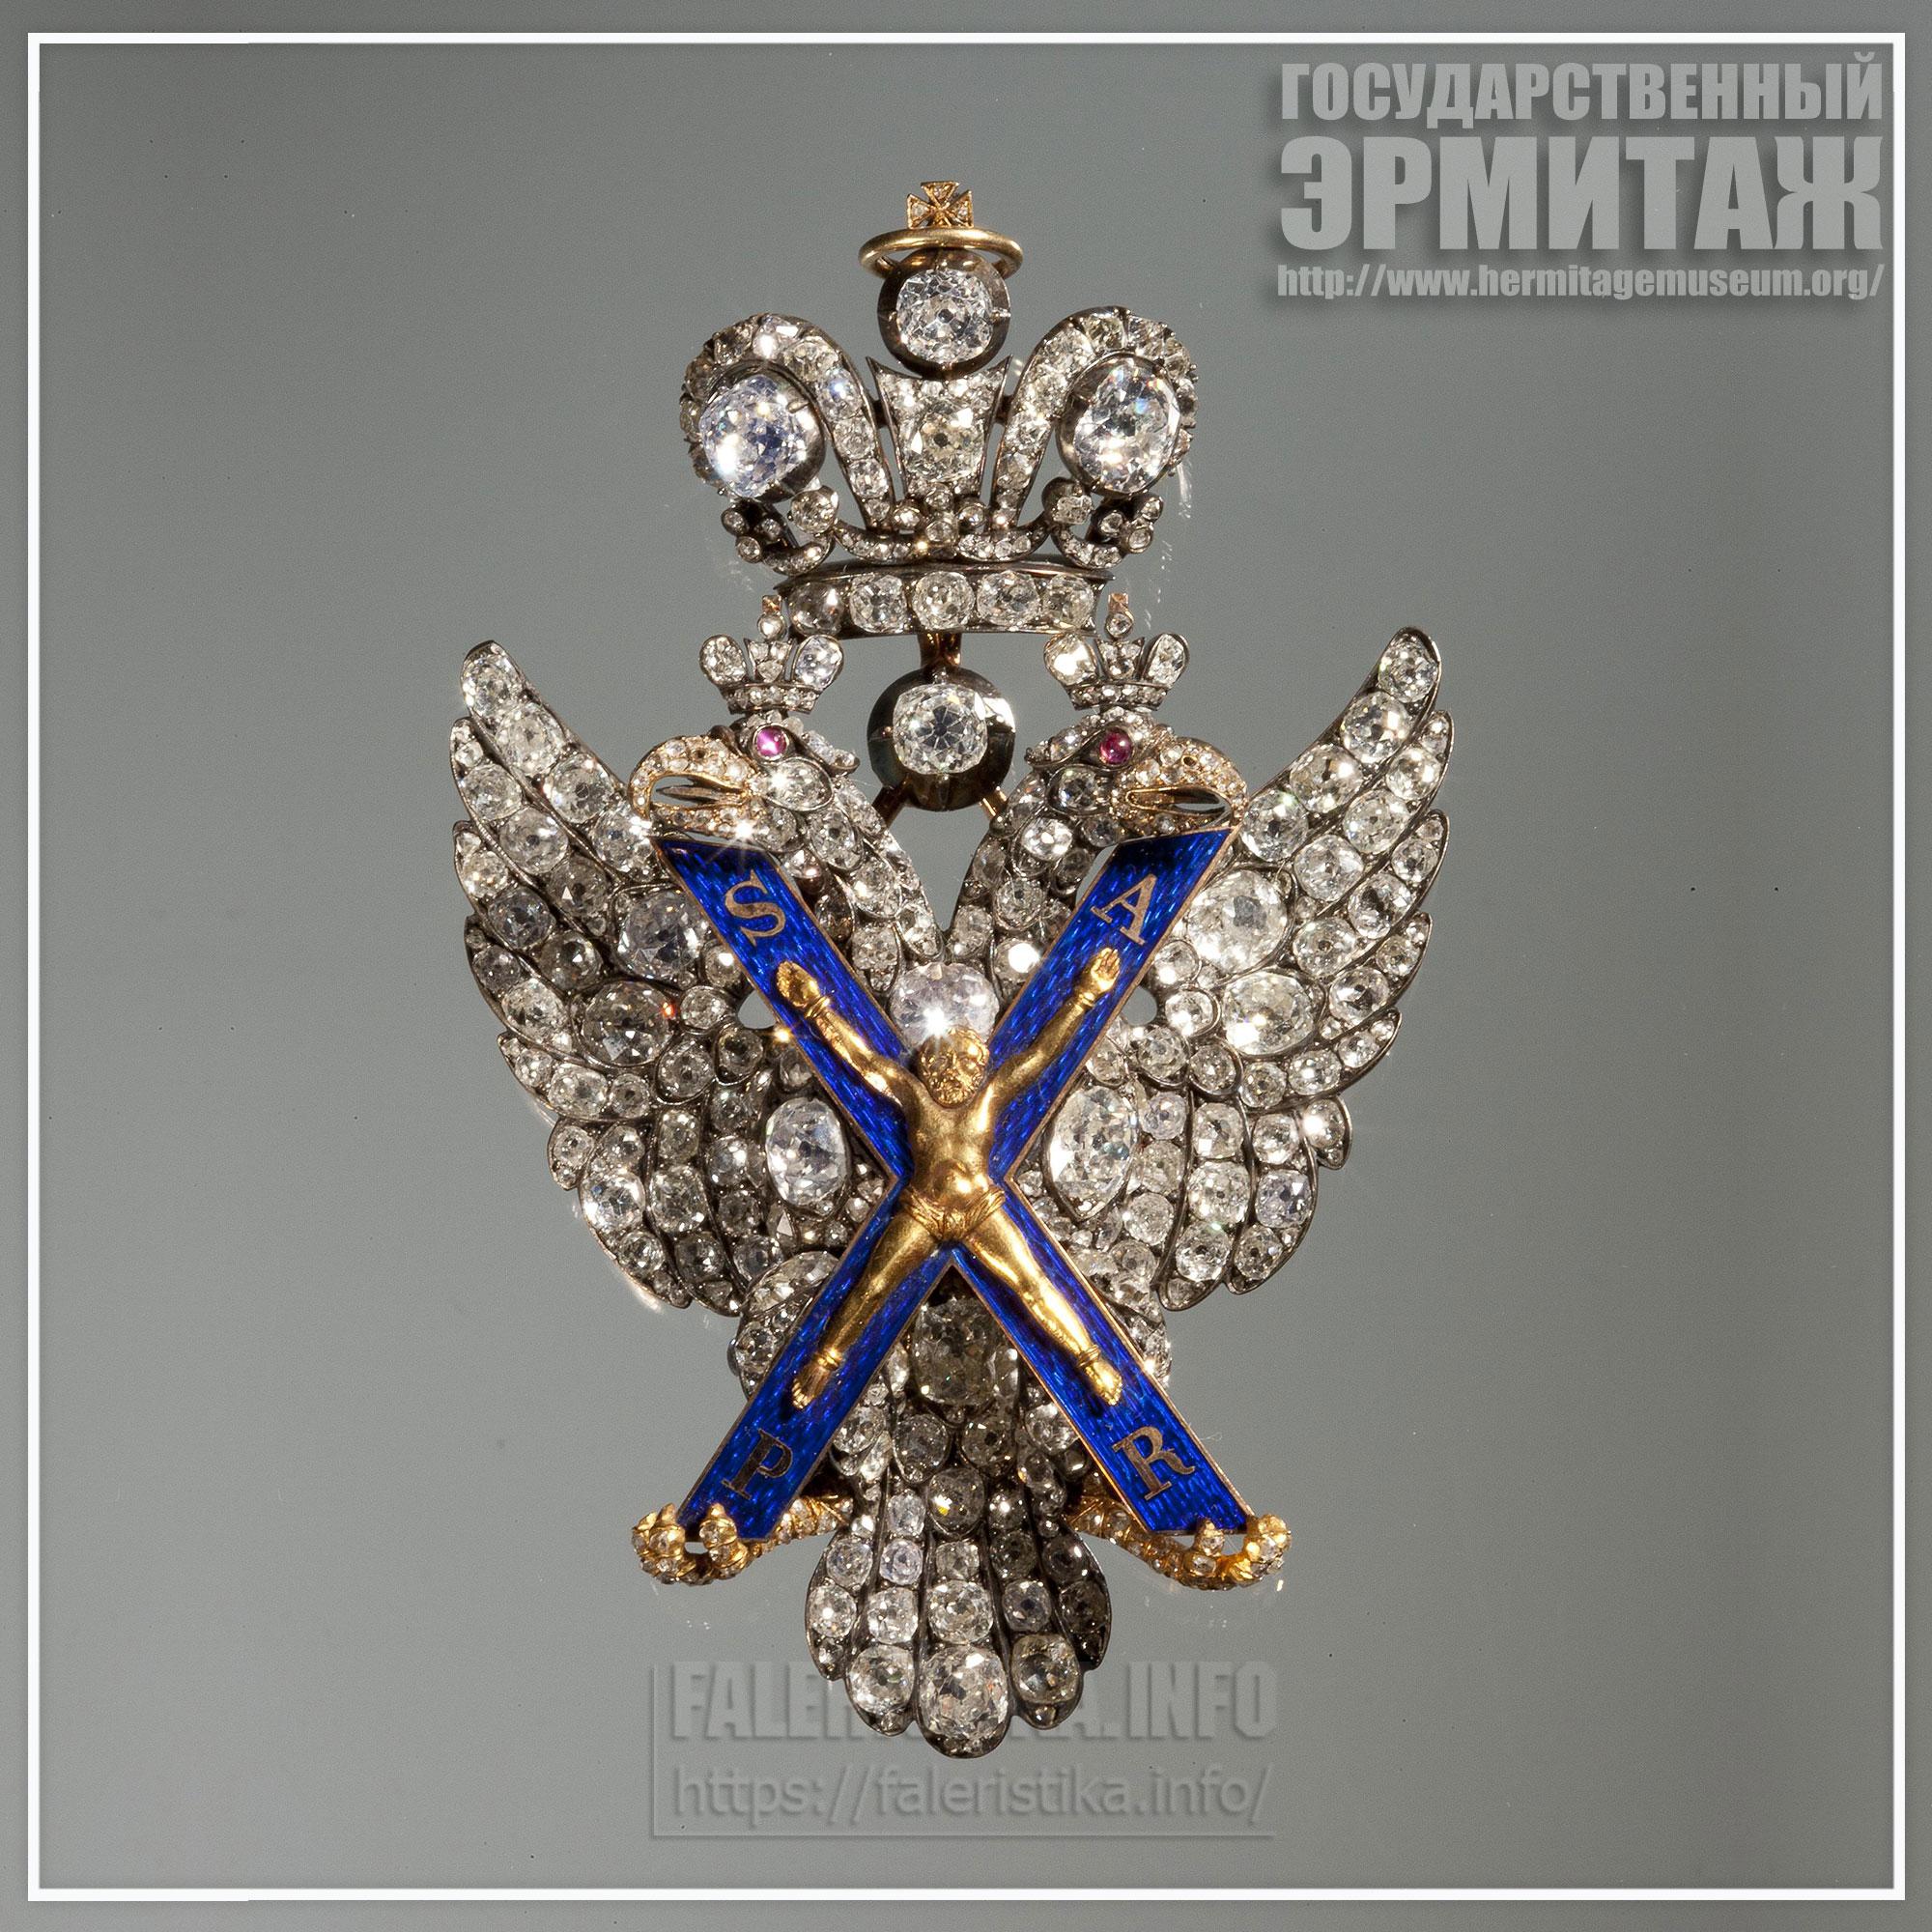 Знак ордена Св. Андрея Первозванного Россия, Около 1800 г.